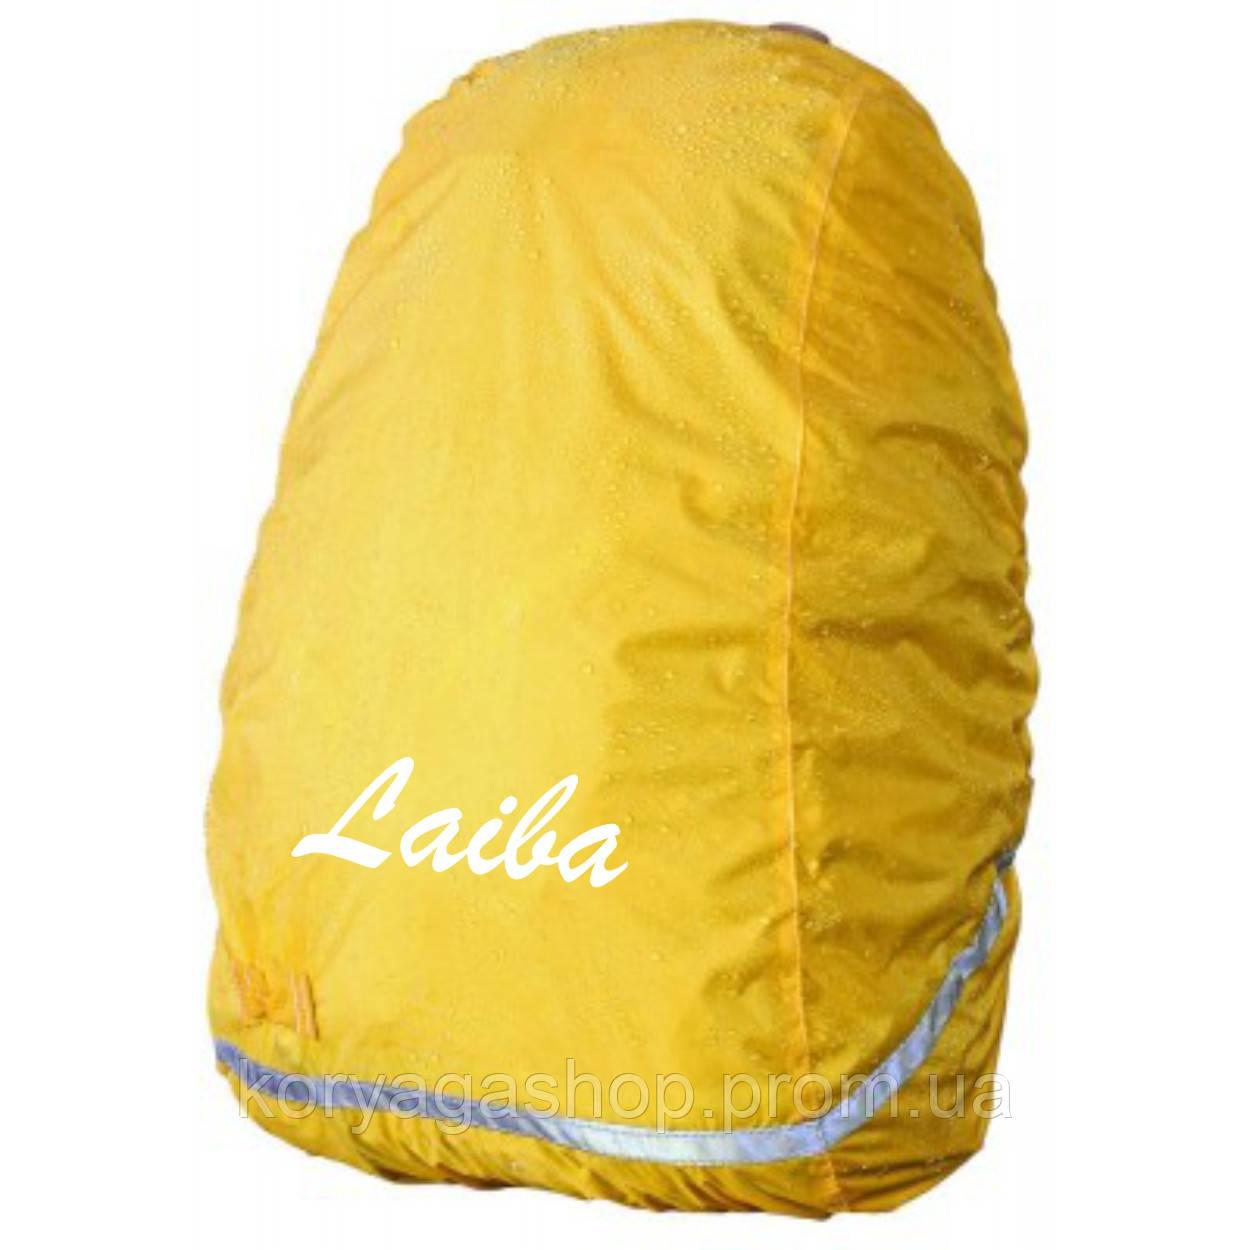 Чехол для рюкзака Laiba р.S желтый (LB01823)